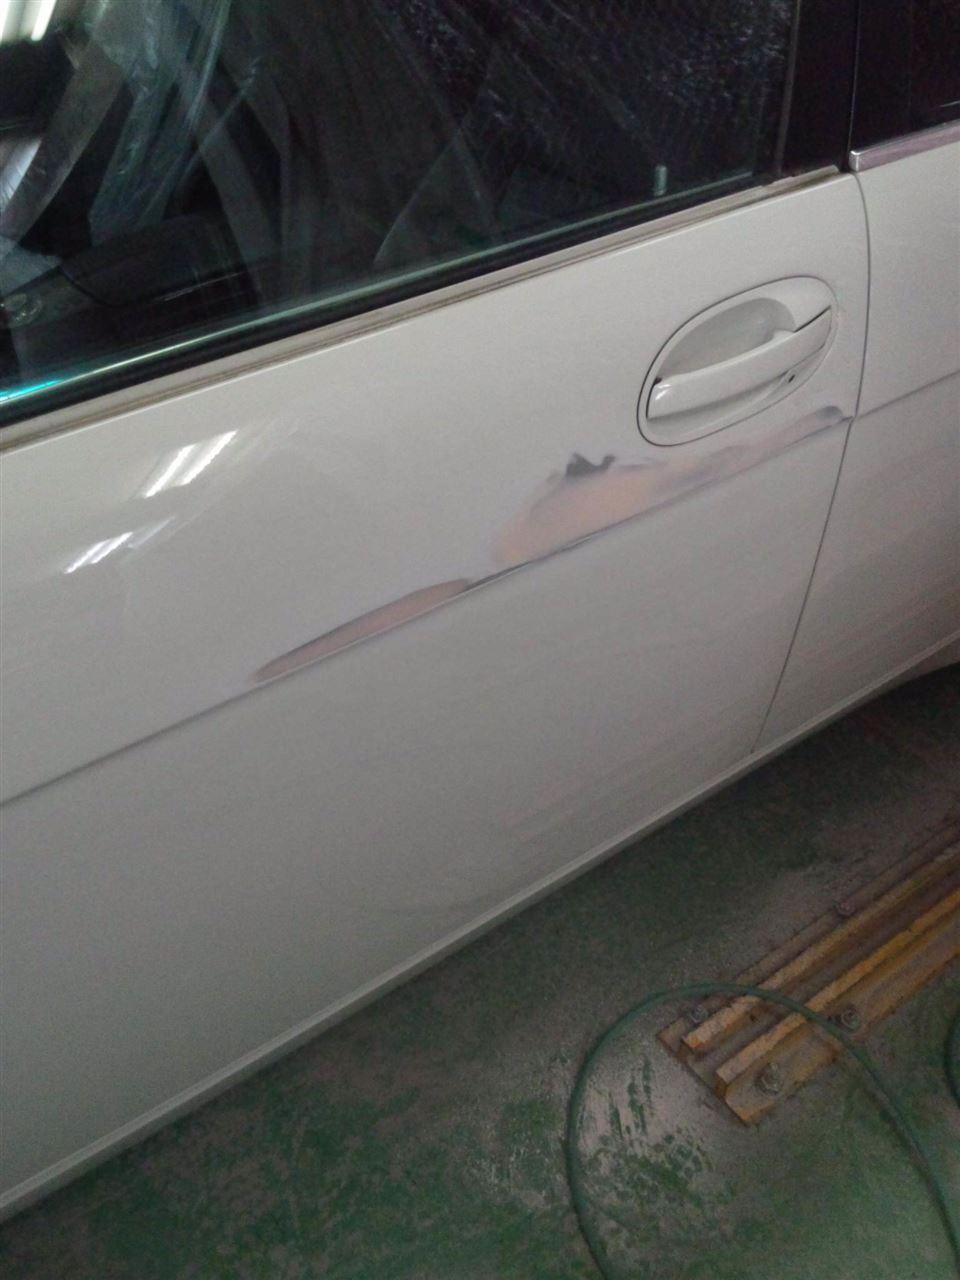 東京都立川市の車の板金塗装修理工場 ガレージローライドのBMW735i の両側面のキズ へこみ の板金 修理 塗装 です。